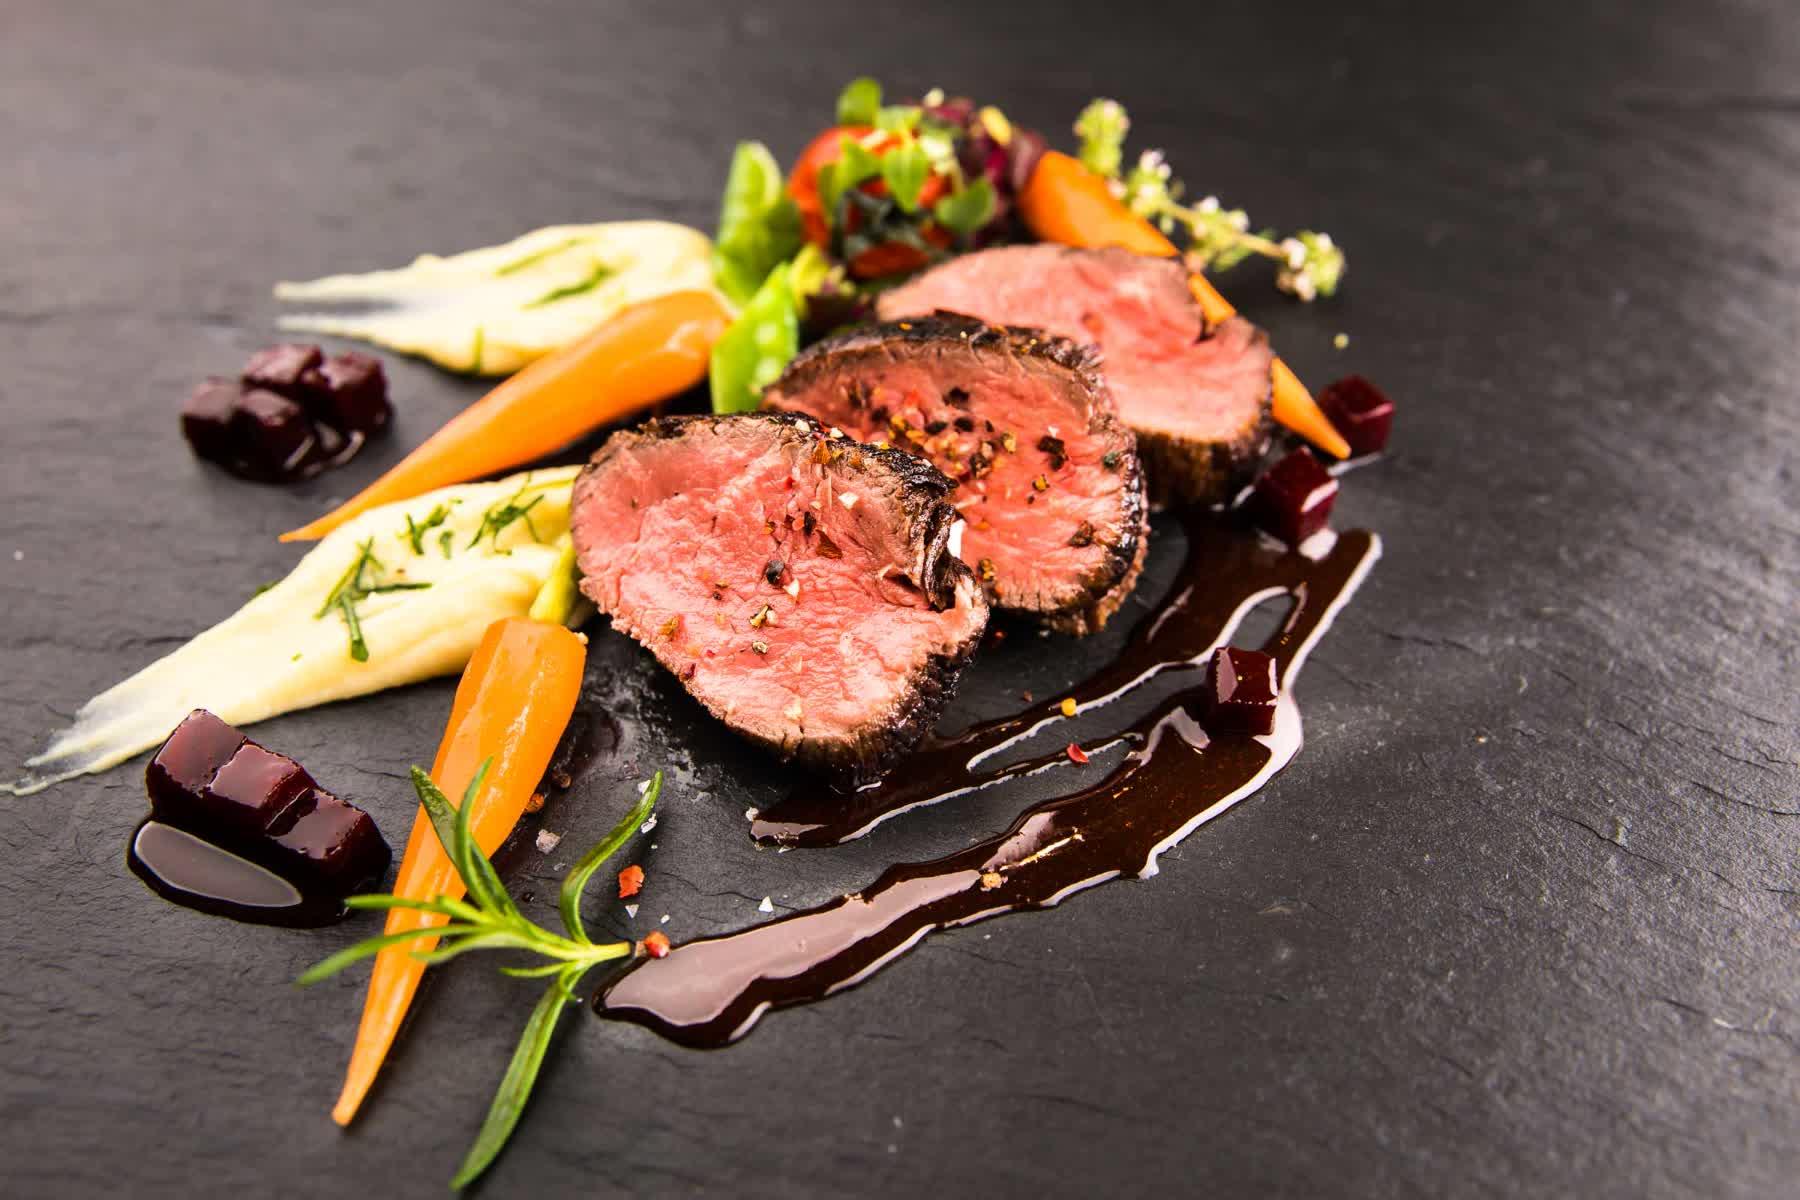 Fleisch mariniert auf Schieferplatte mit Gemüse